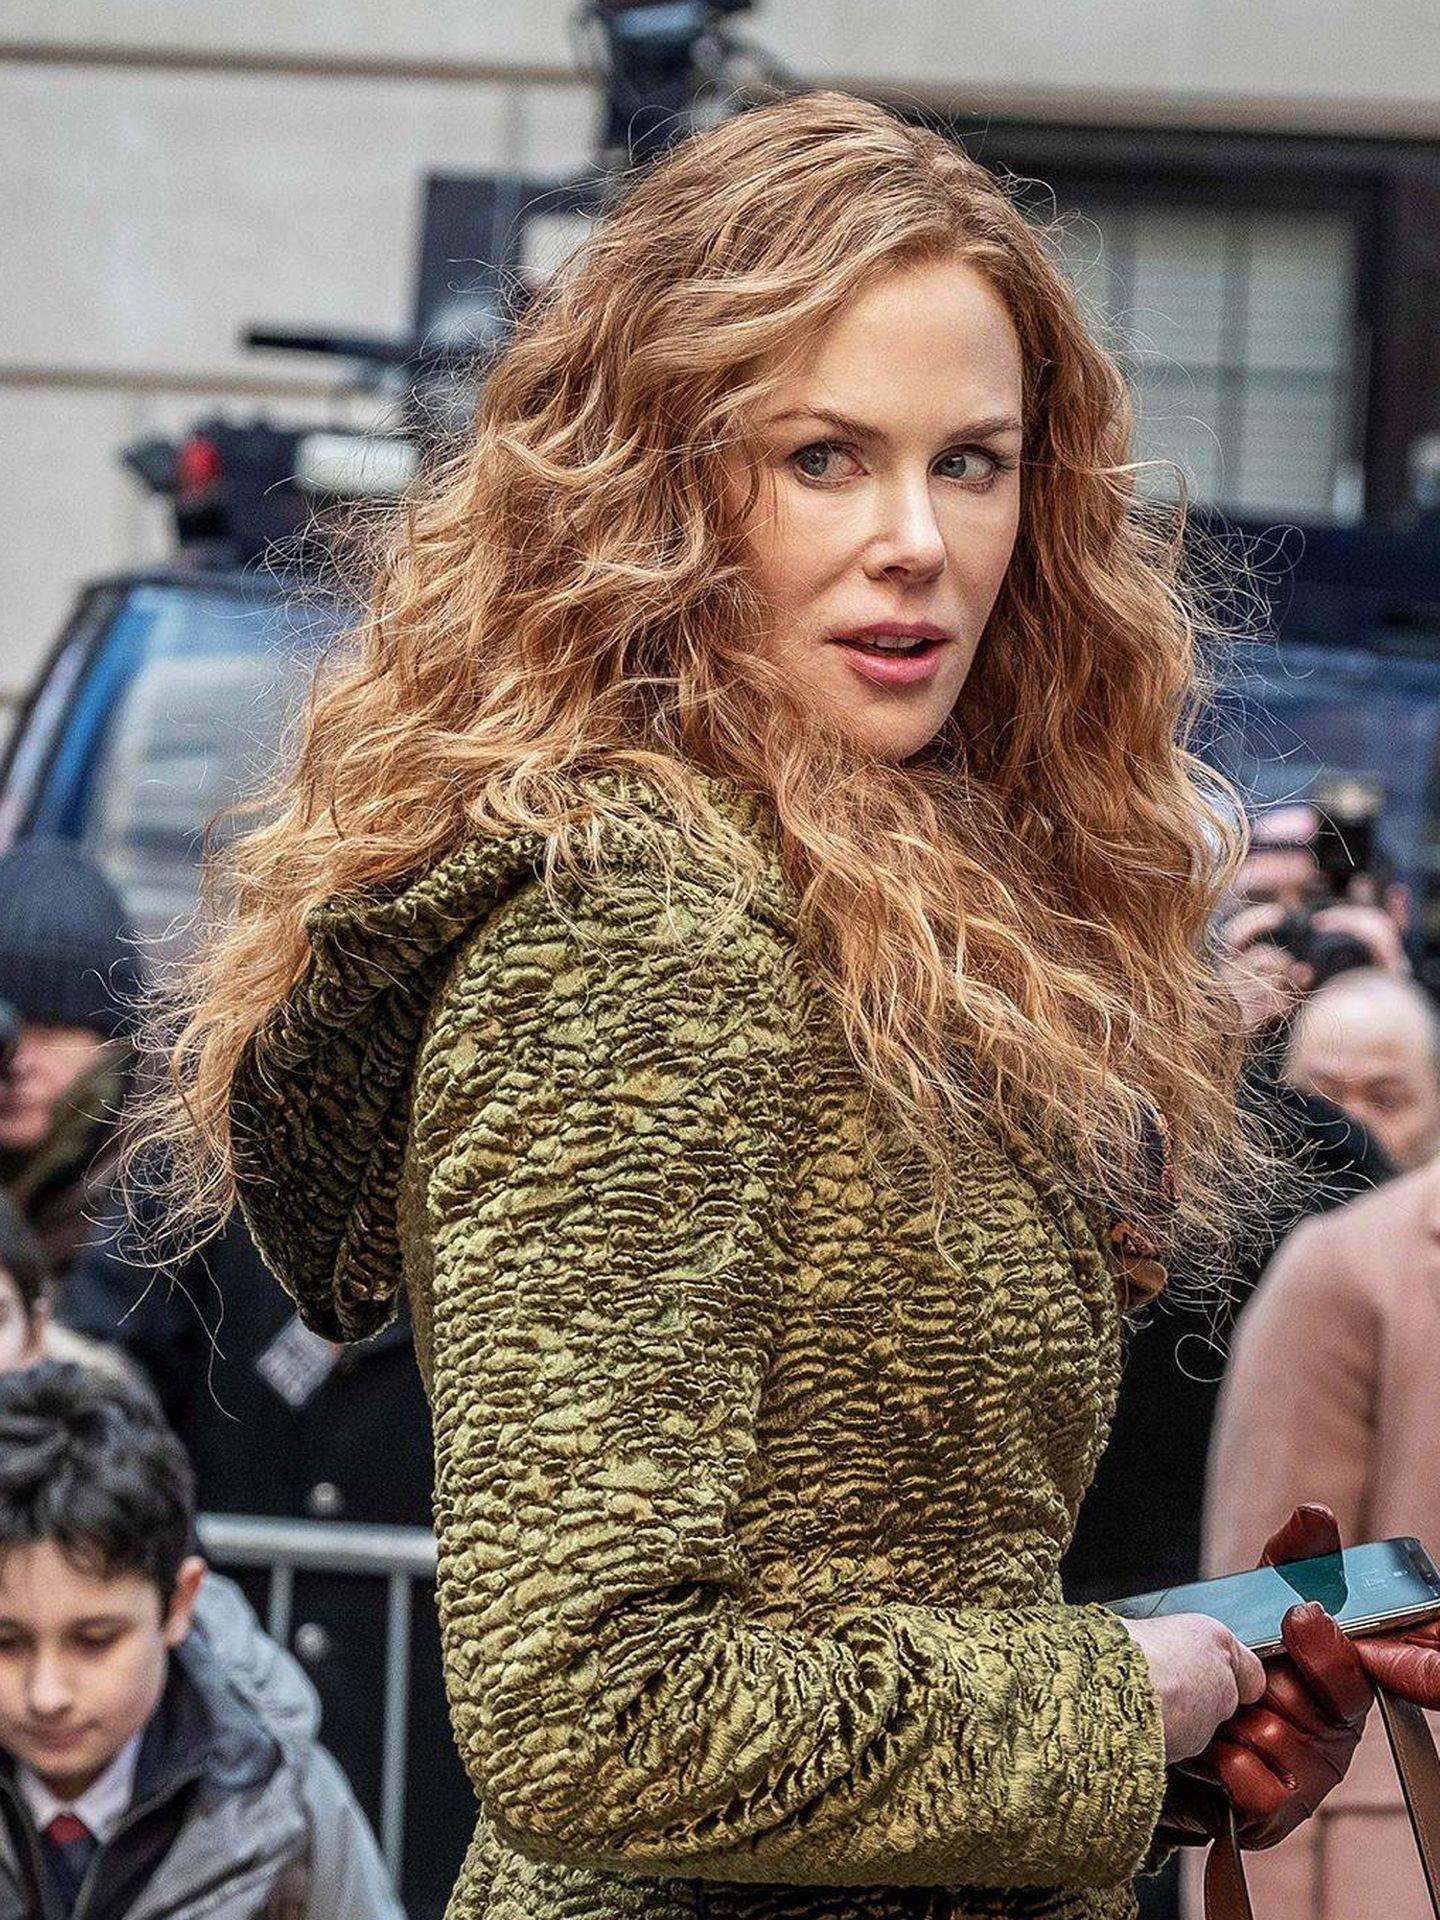 La melena de Nicole Kidman, al natural y rizada en 'The Undoing'. (Cortesía)